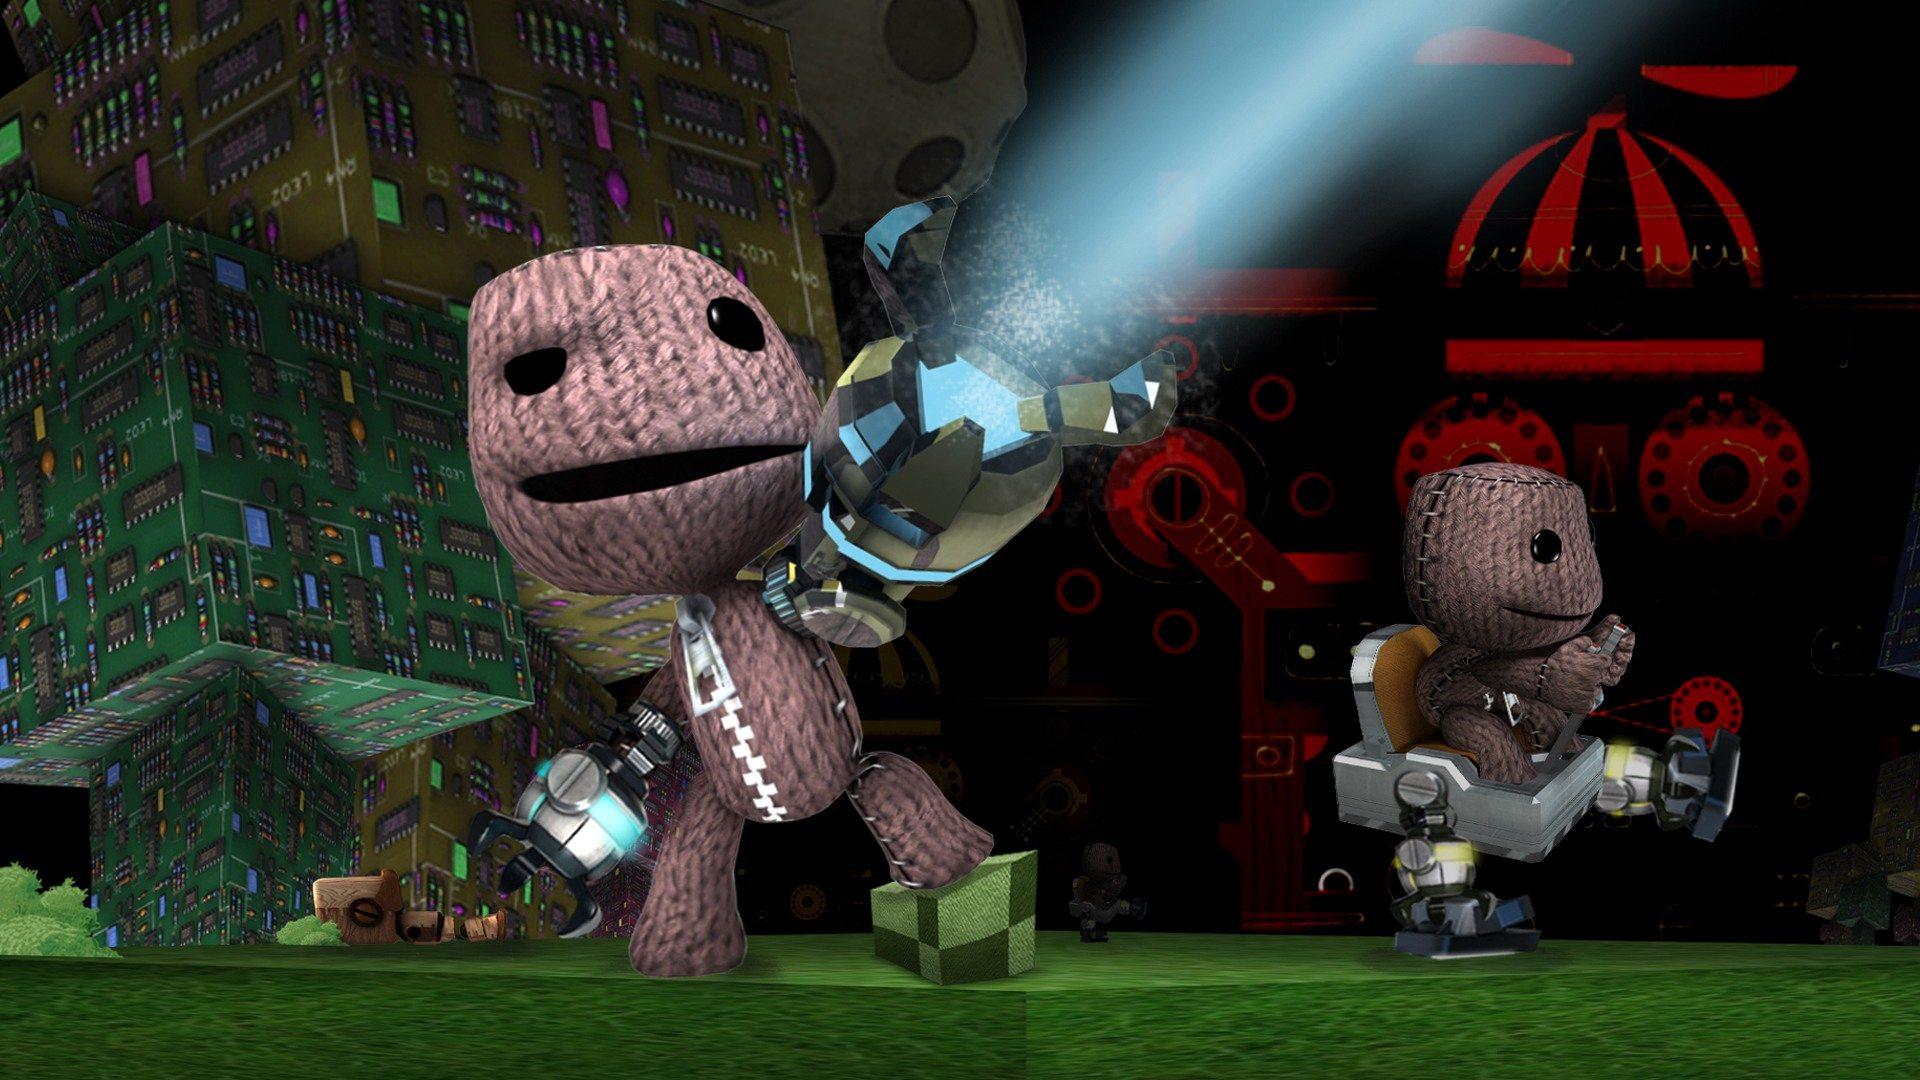 Картинка с анимацией из игр, спокойной